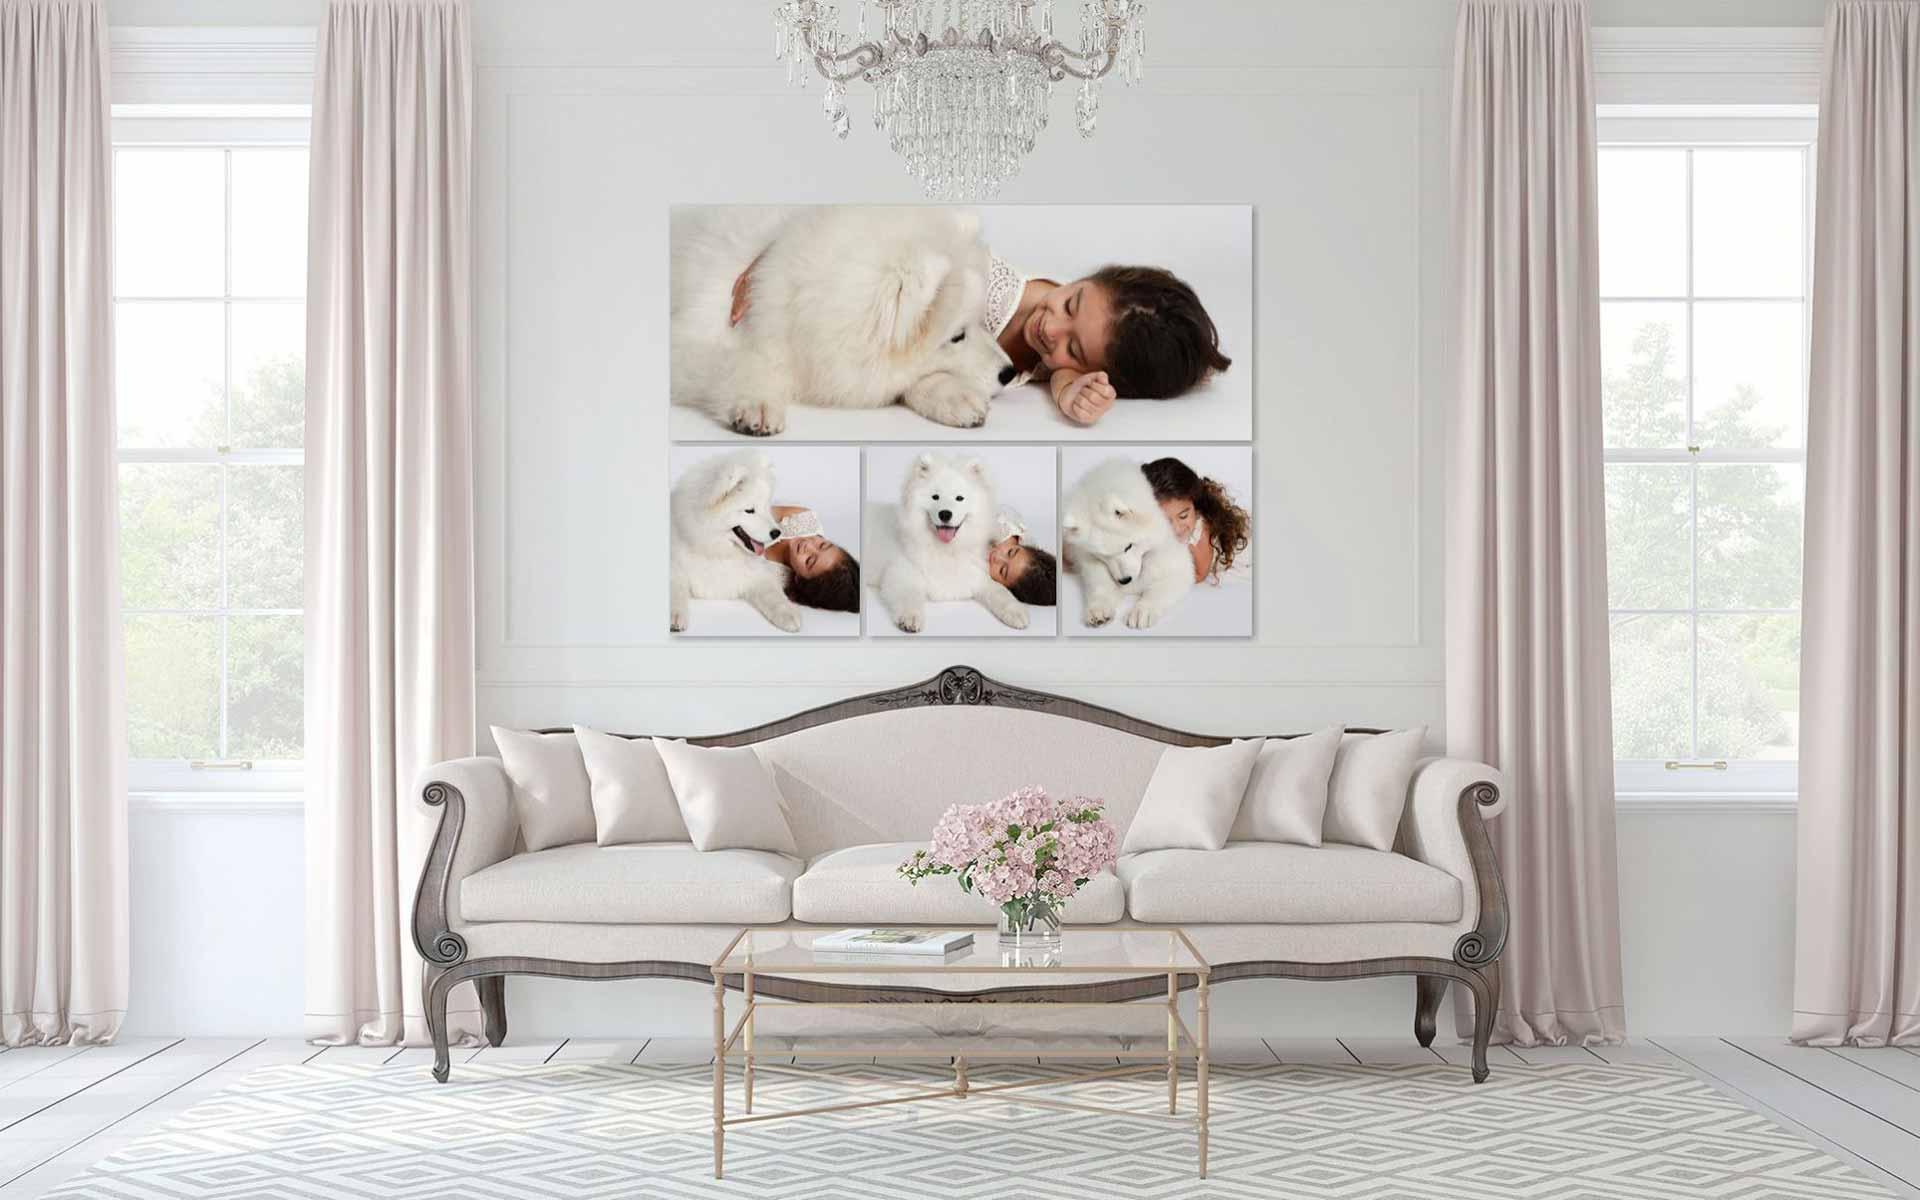 Pets Dog Samoyed Photography